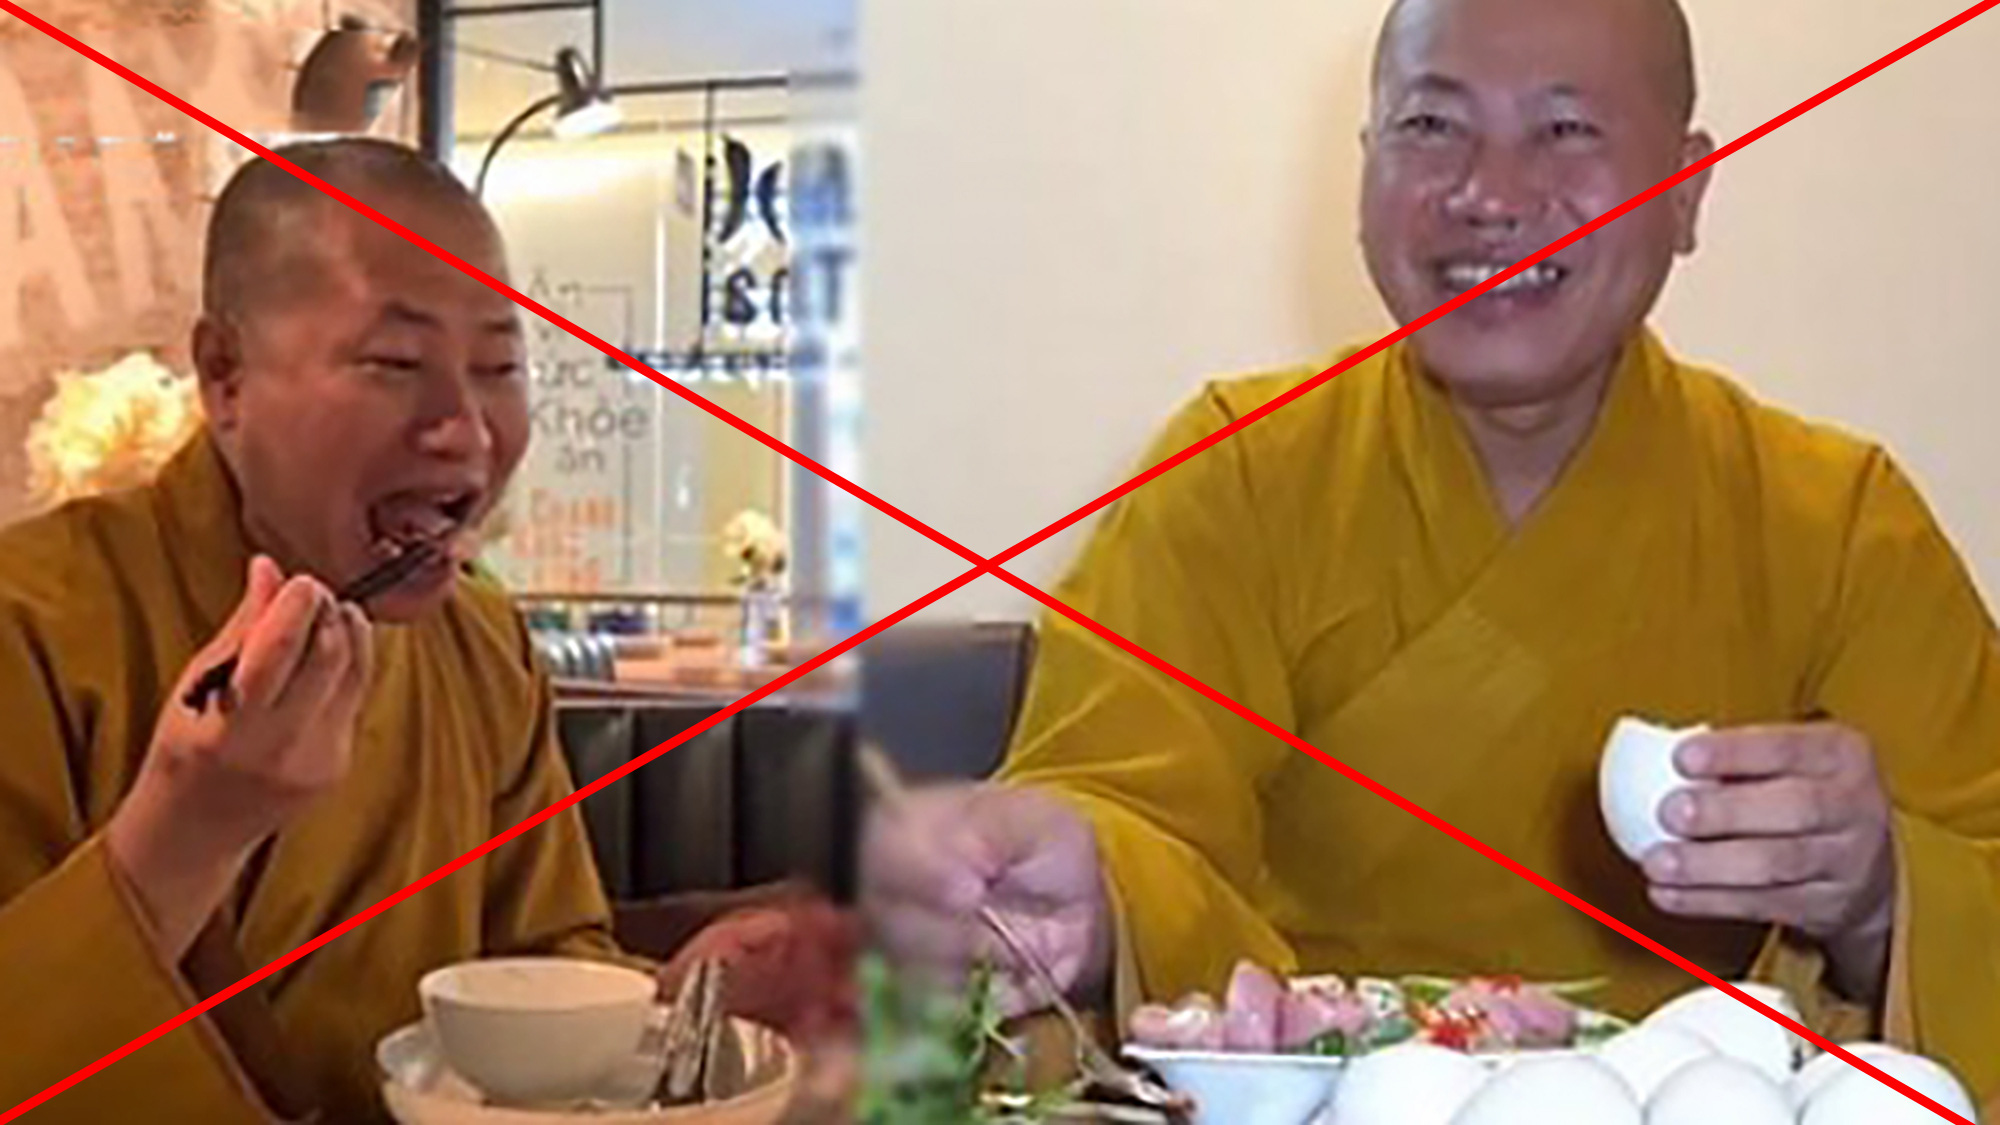 Các YouTuber đồng loạt xóa bỏ nội dung về thầy chùa ăn thịt chó - Ảnh 1.